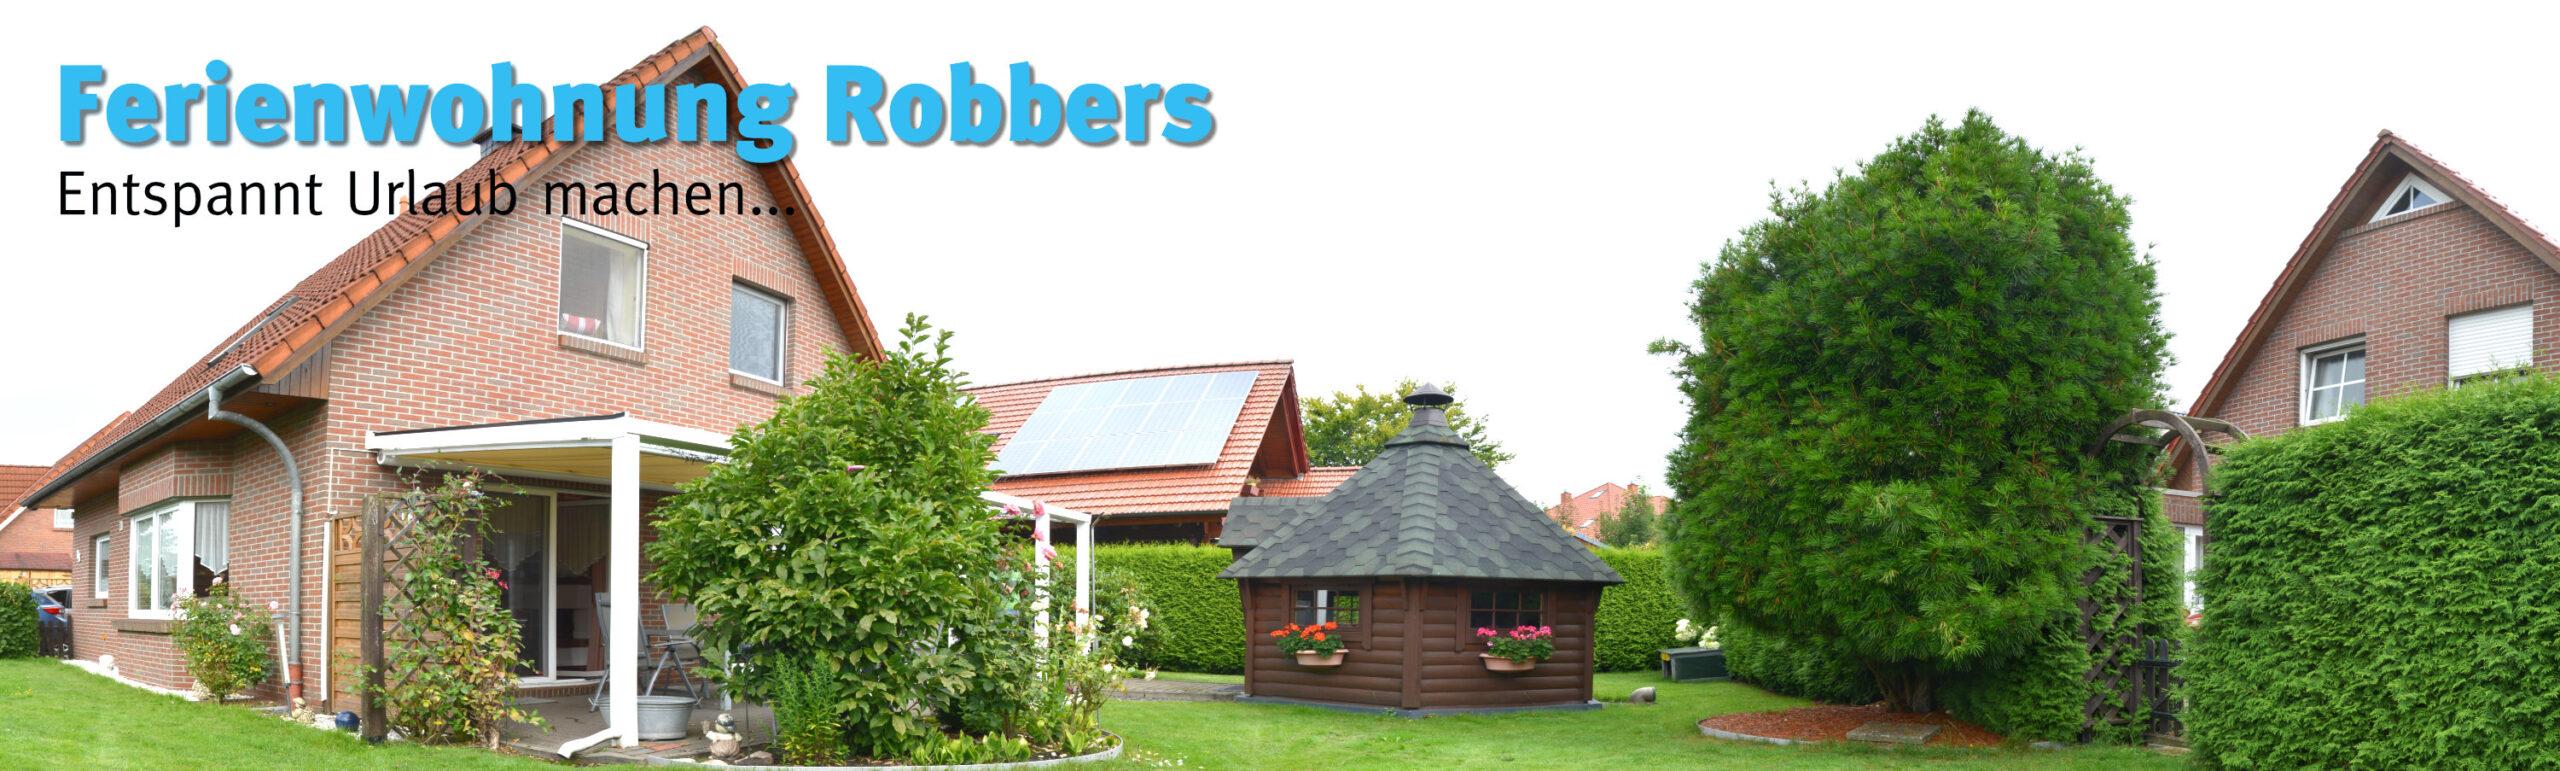 Ferienwohnung Robbers